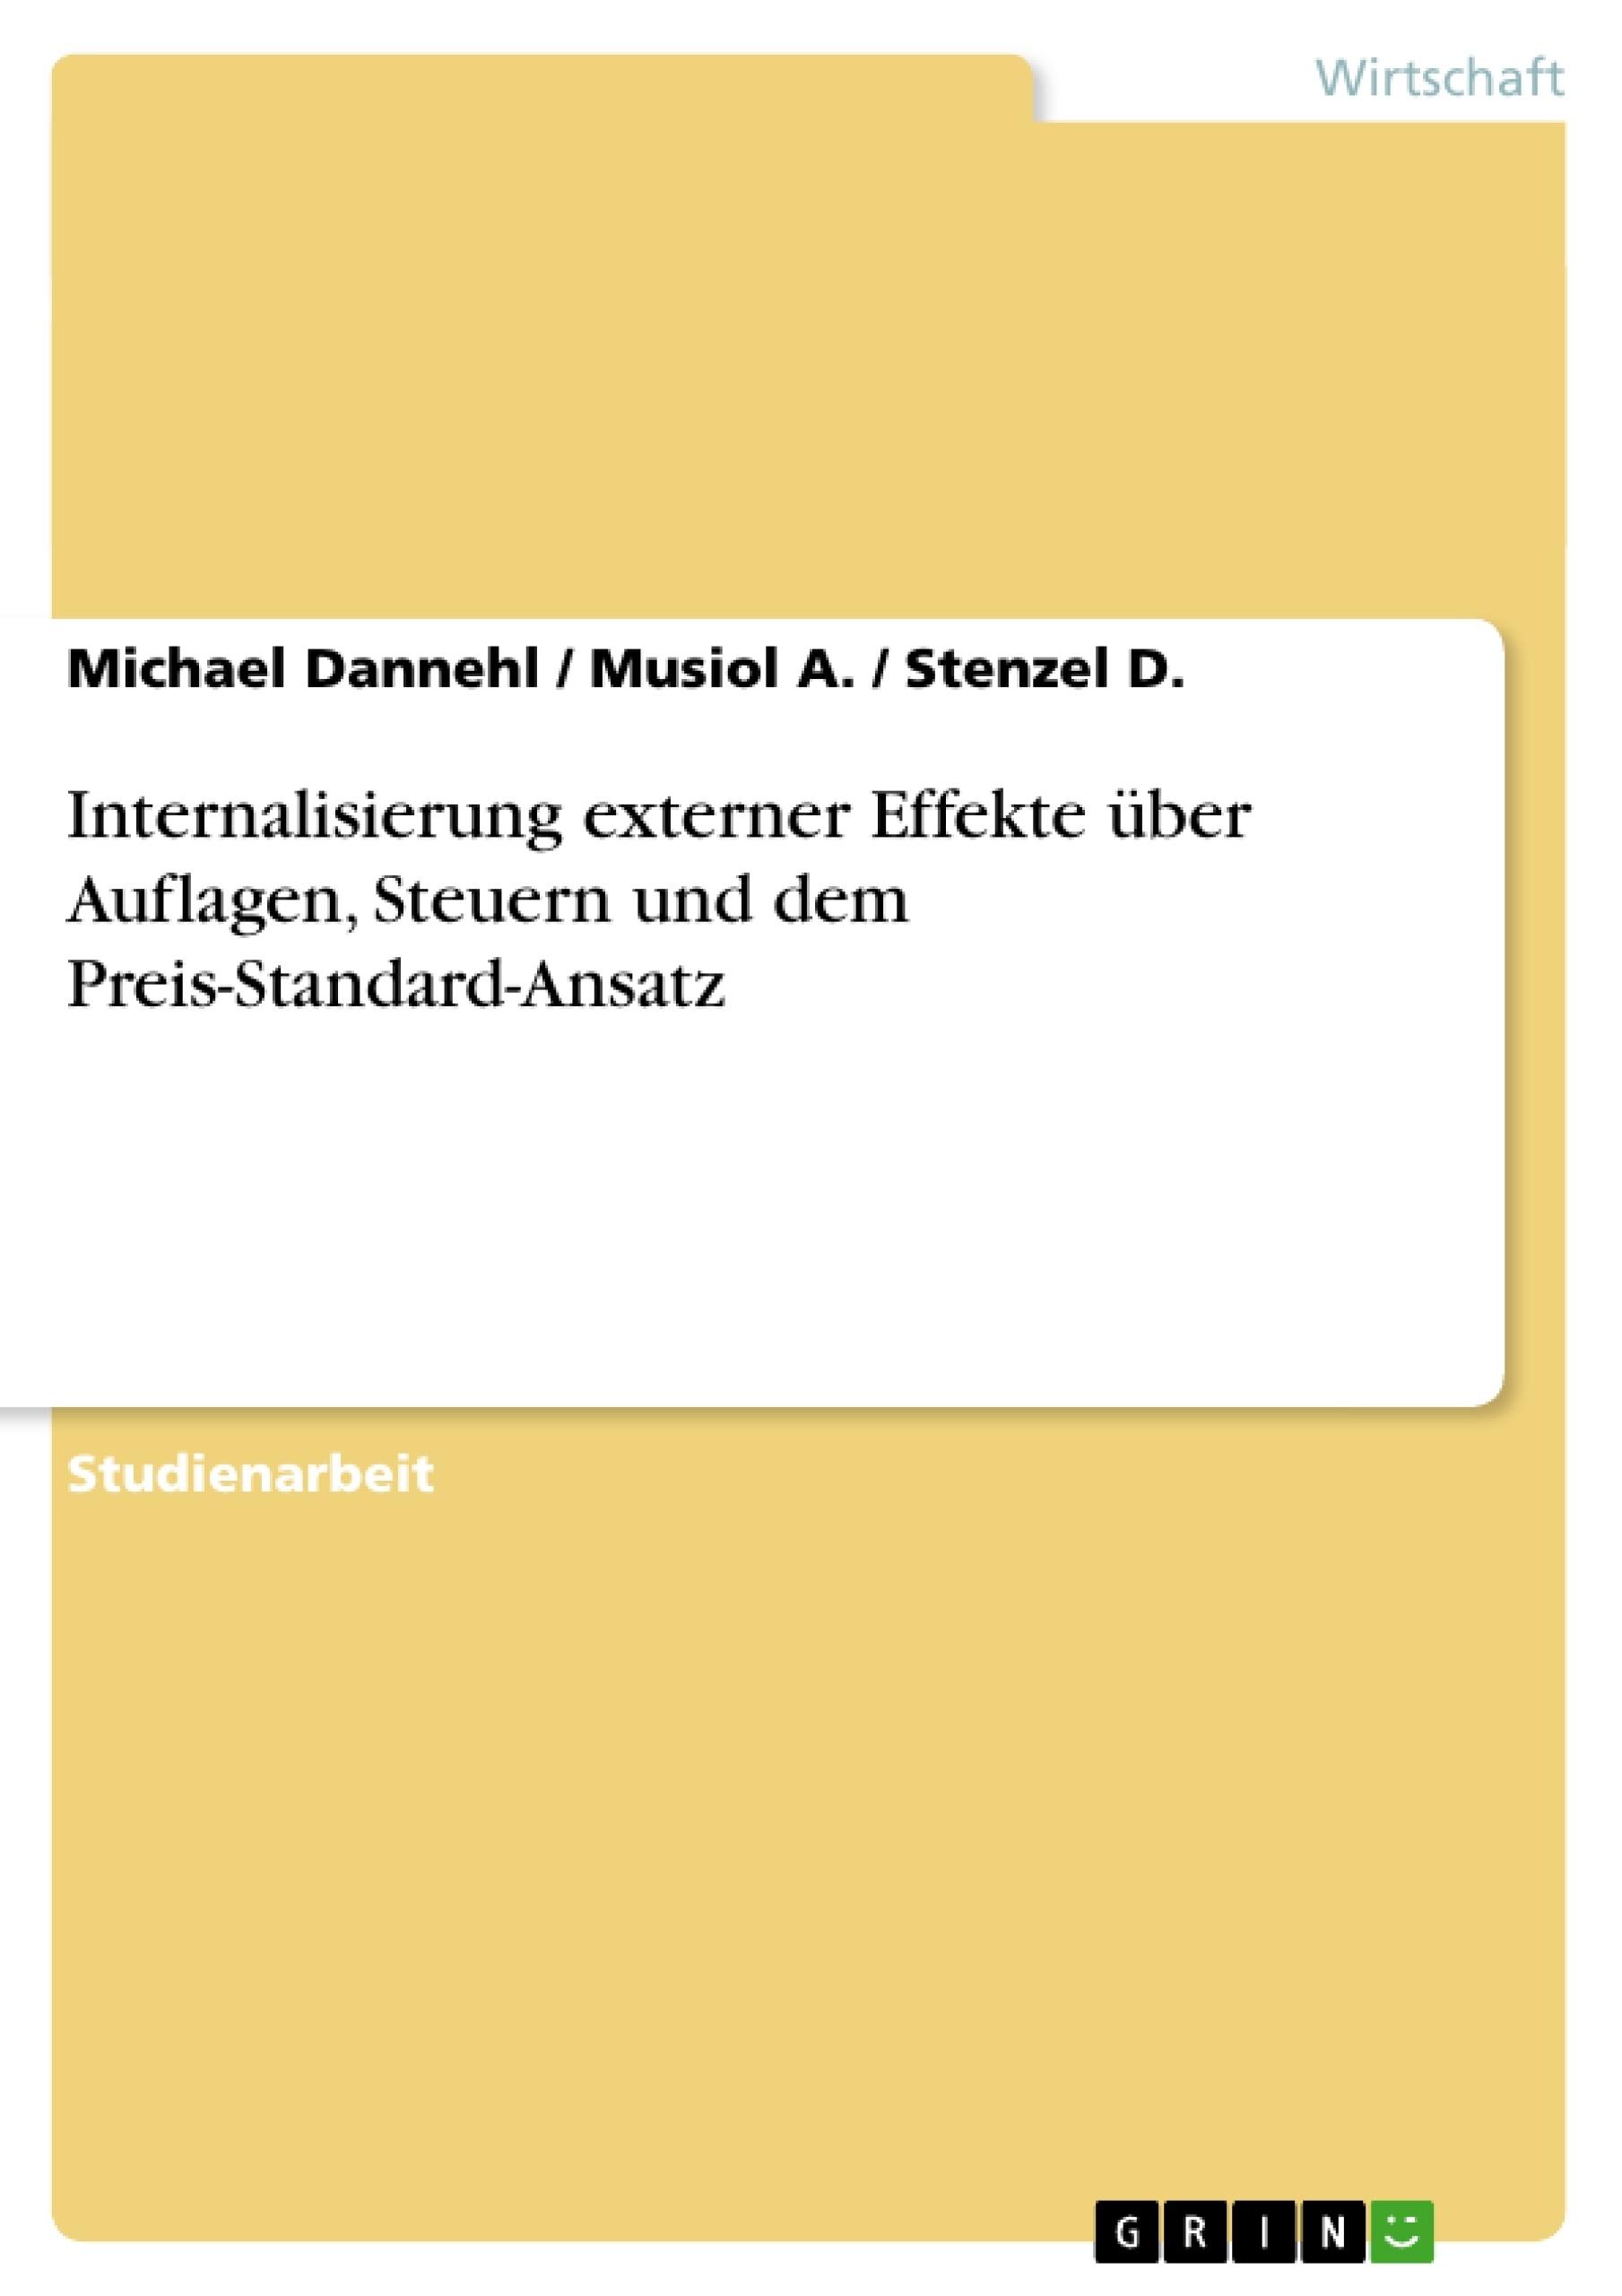 Titel: Internalisierung externer Effekte über Auflagen, Steuern und dem Preis-Standard-Ansatz